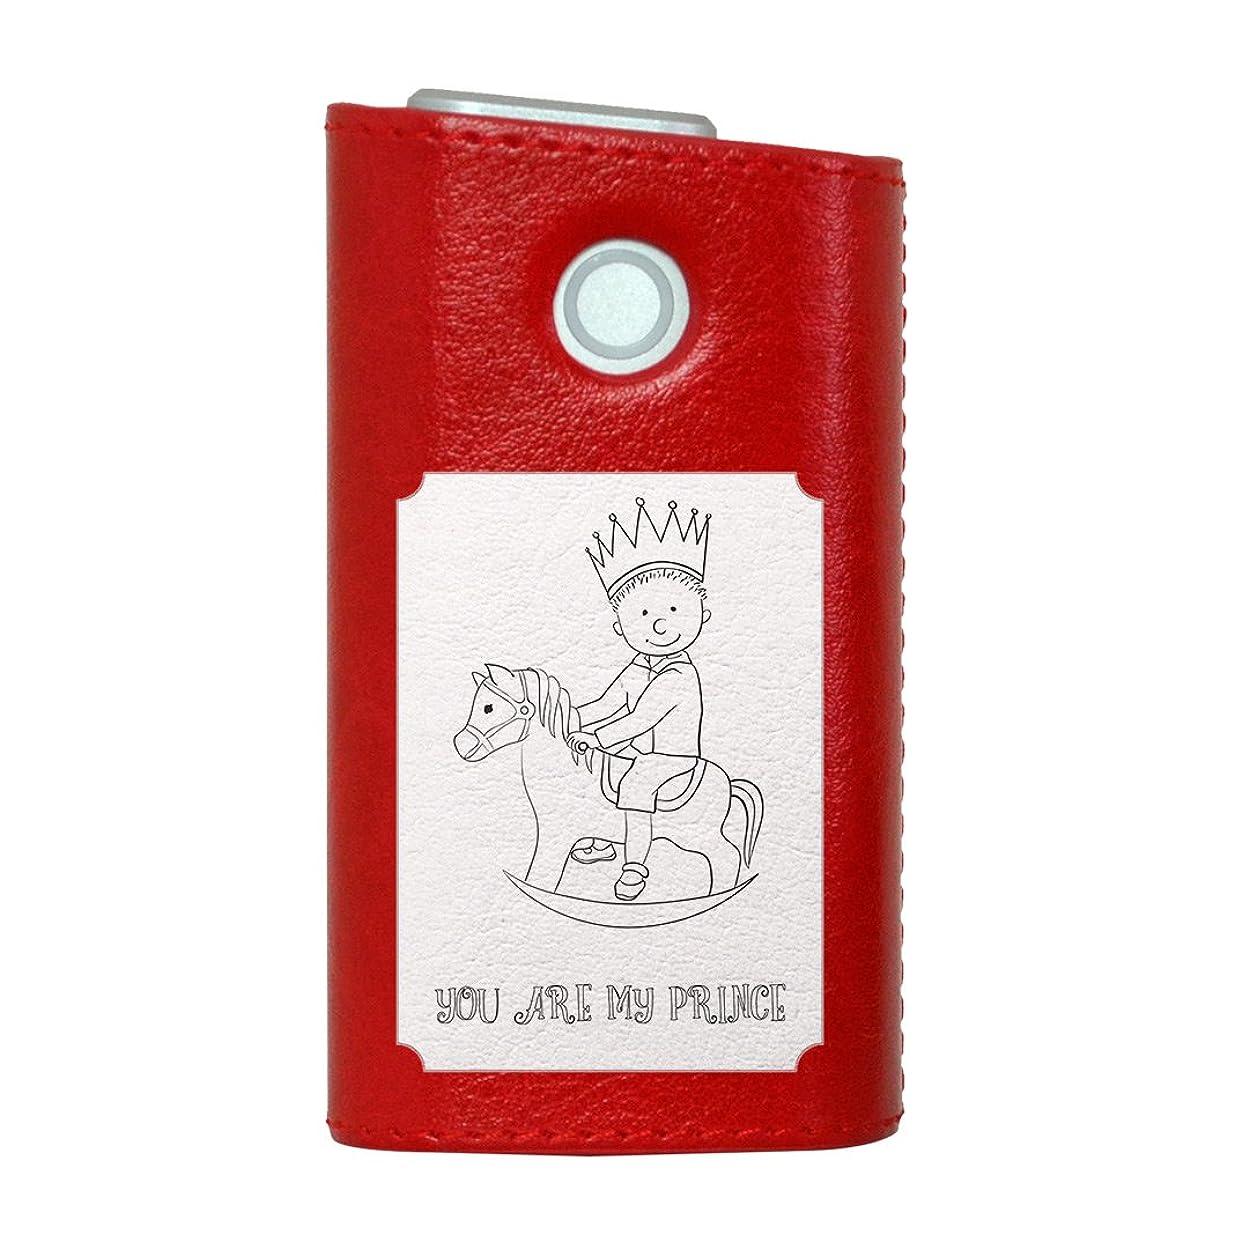 ジョージハンブリー乳剤まともなglo グロー グロウ 専用 レザーケース レザーカバー タバコ ケース カバー 合皮 ハードケース カバー 収納 デザイン 革 皮 RED レッド 王冠 馬 英語 011418